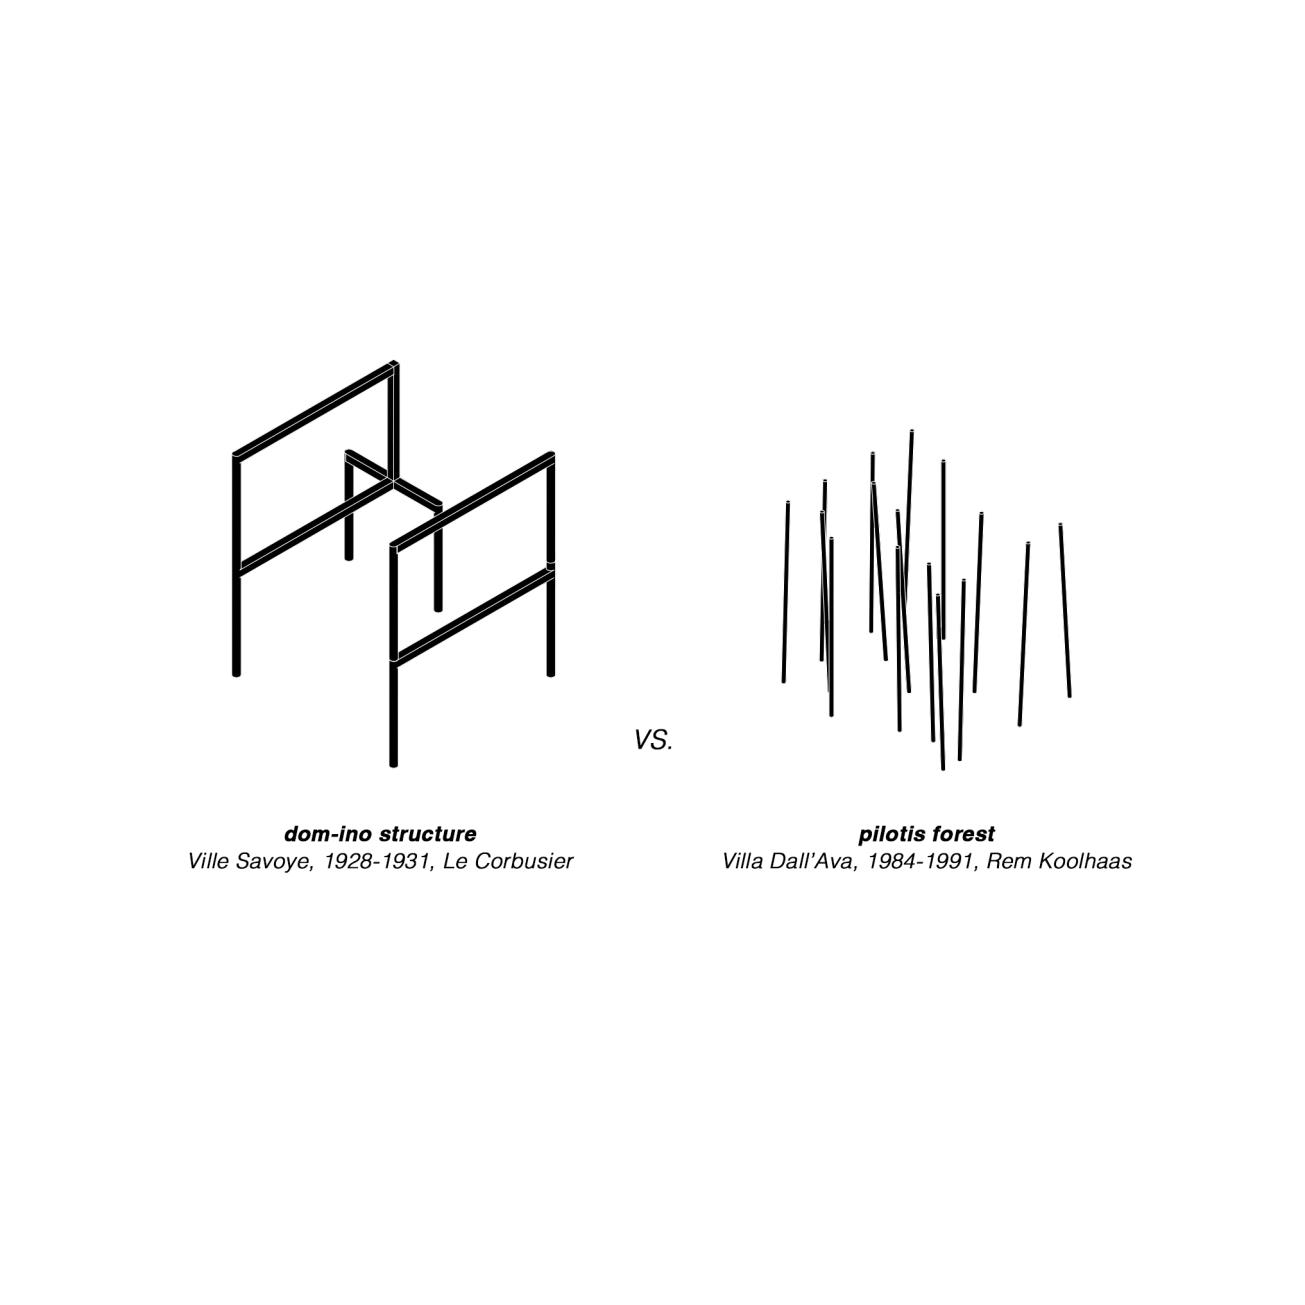 05_Structure_Ville Savoye vs Villa Dall'Ava_Alex-Duro_2016_Master-Degree-in-Advanced-Architecture-Projects_ETSAM copia